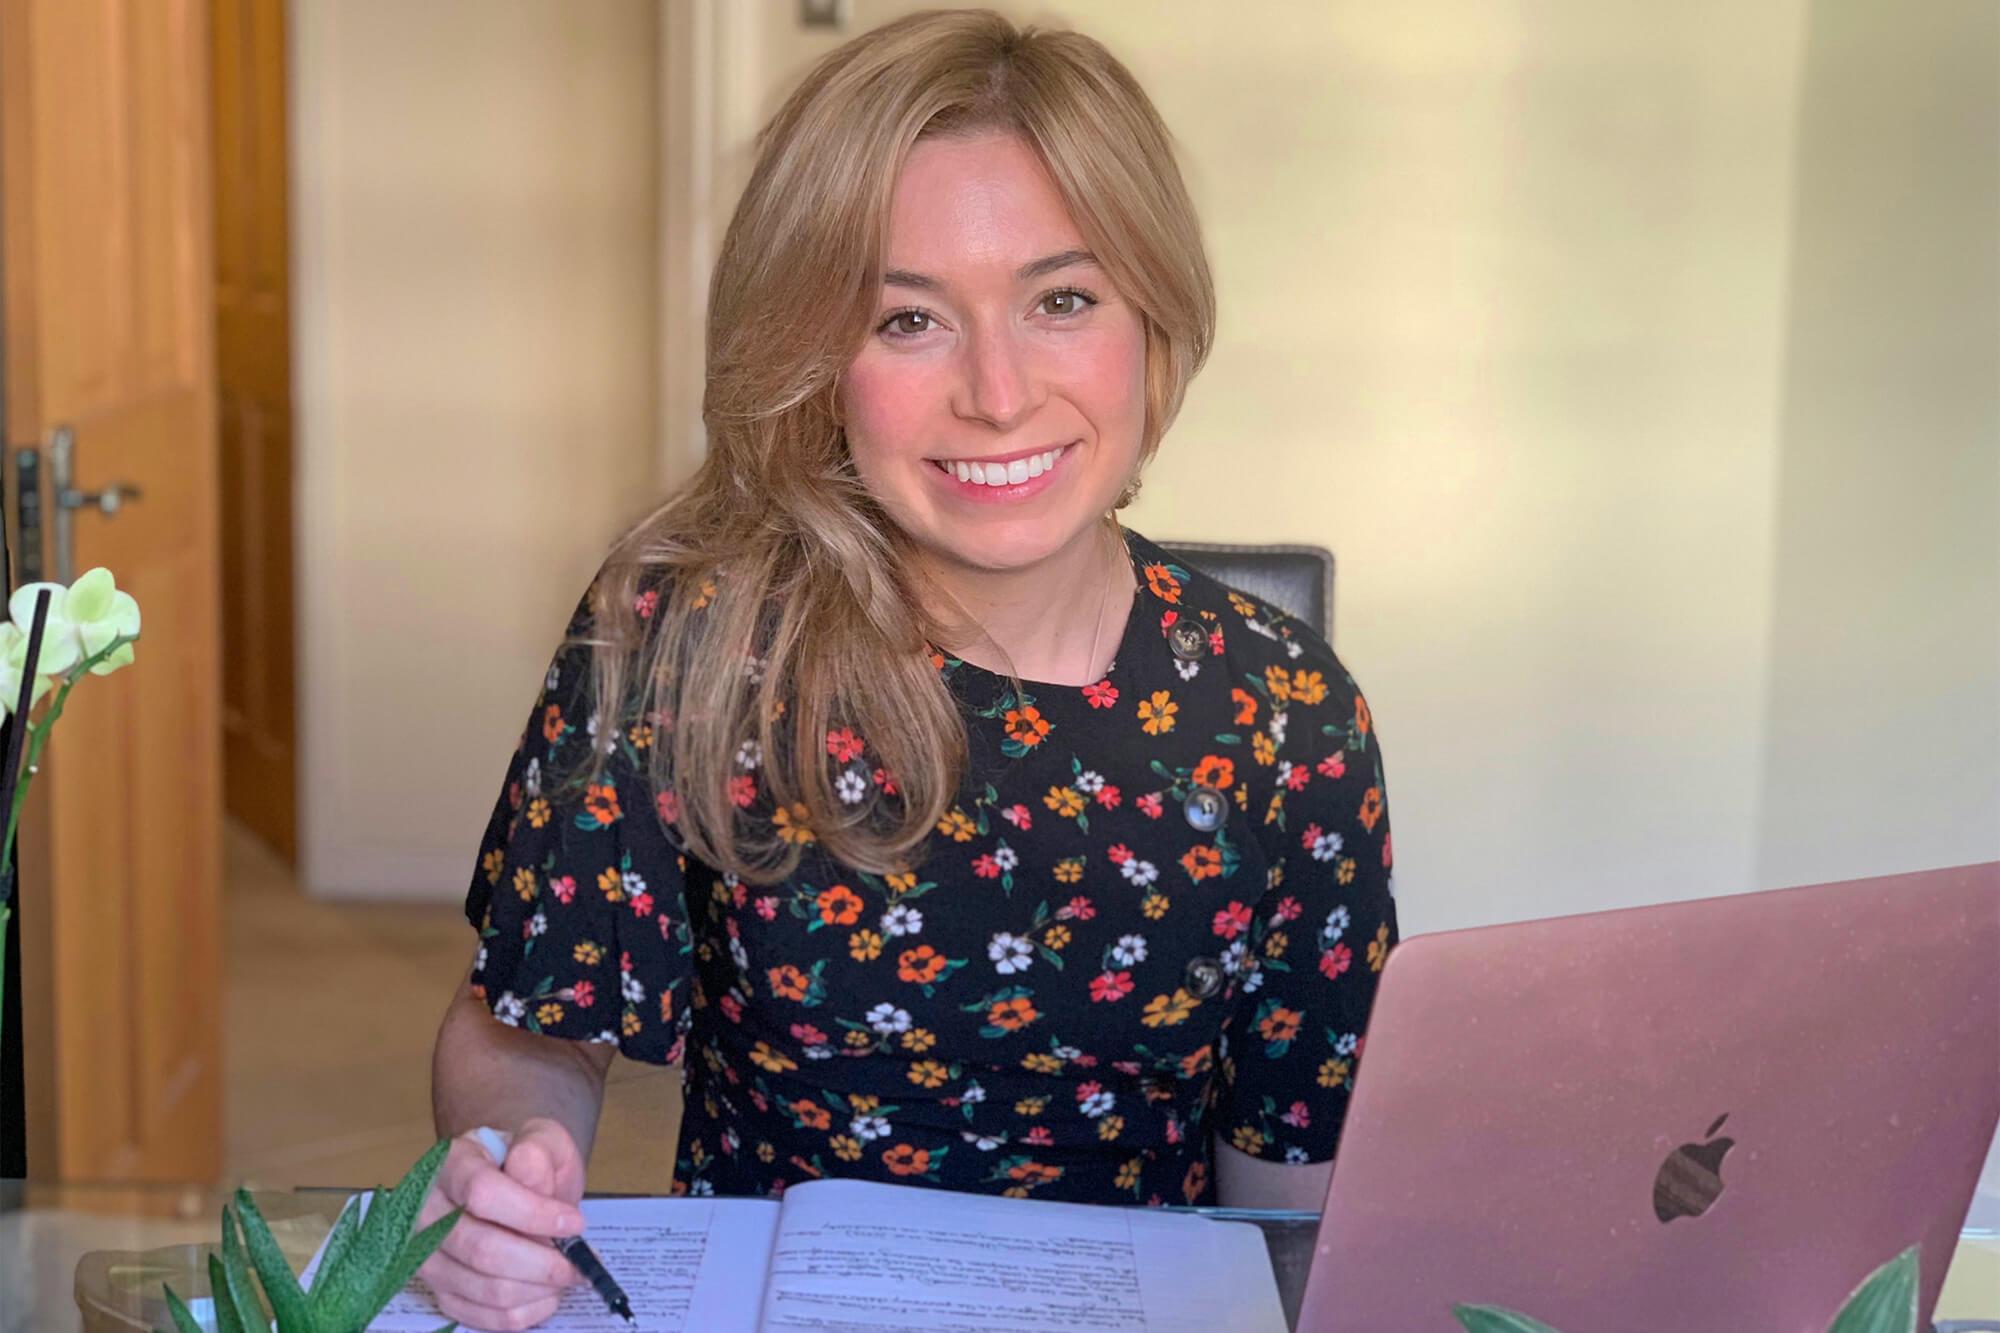 Amanda Ripley writing happily at a desk